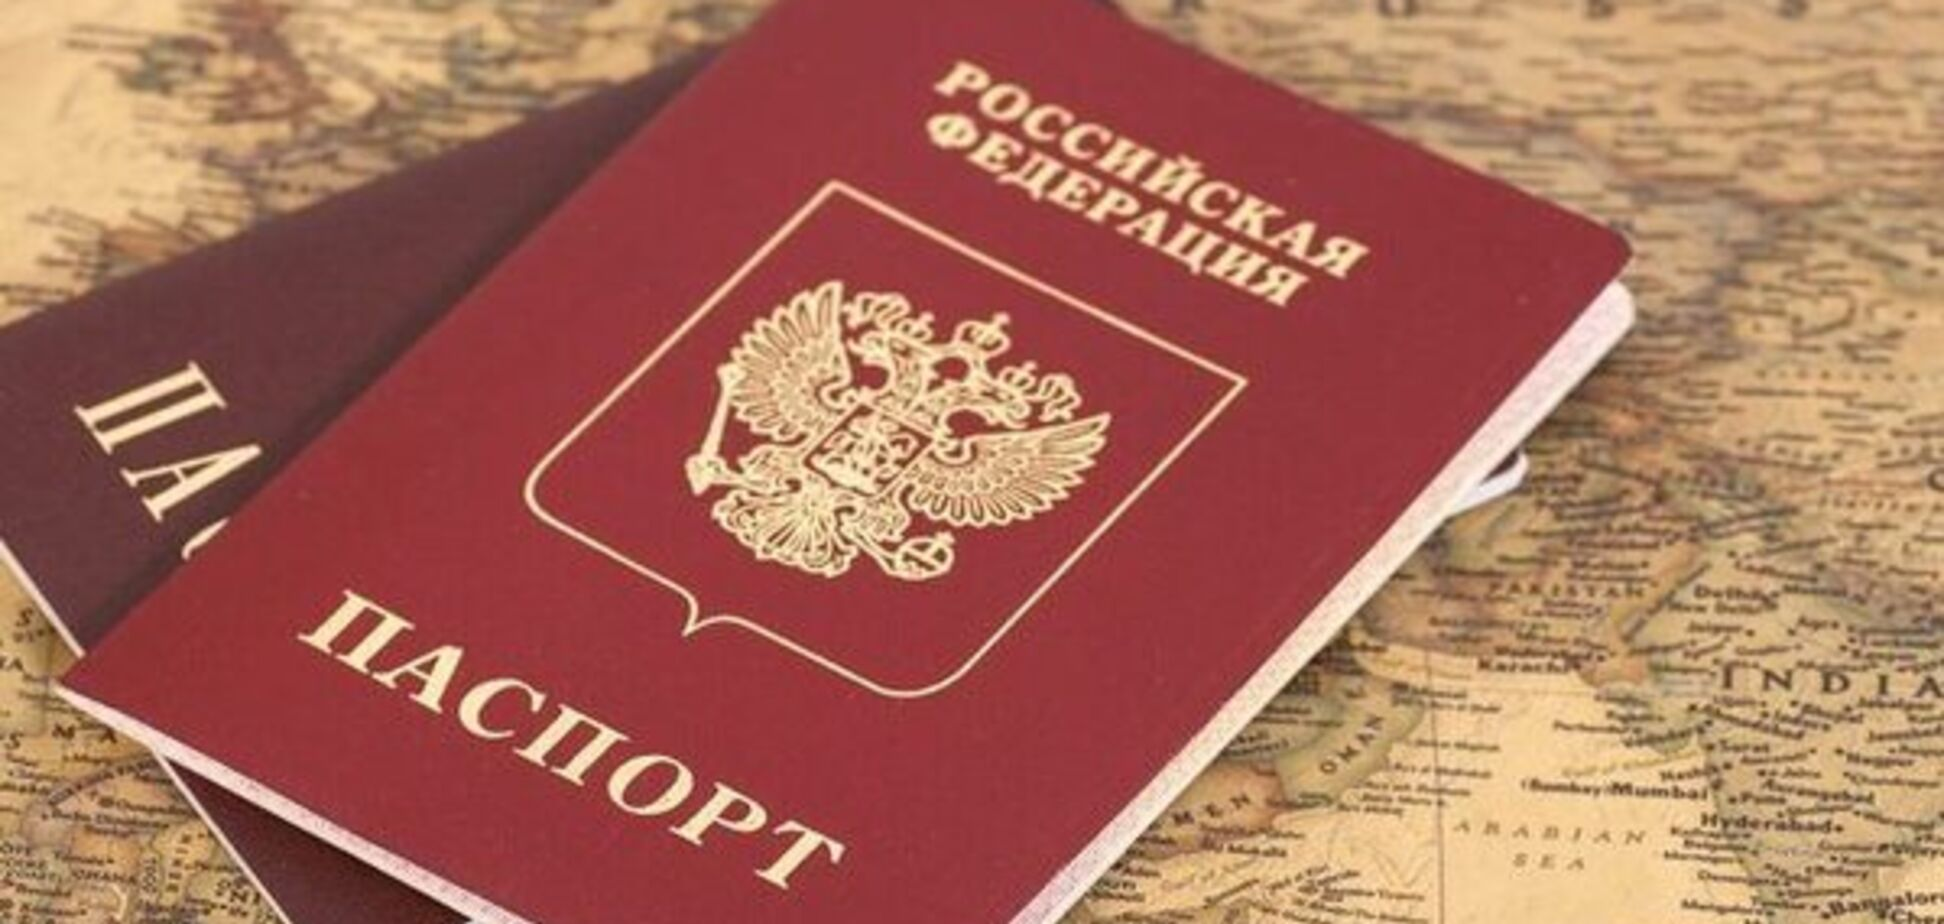 'Слышала упреки!' Захарова оправдалась за паспорта России для 'Л/ДНР'